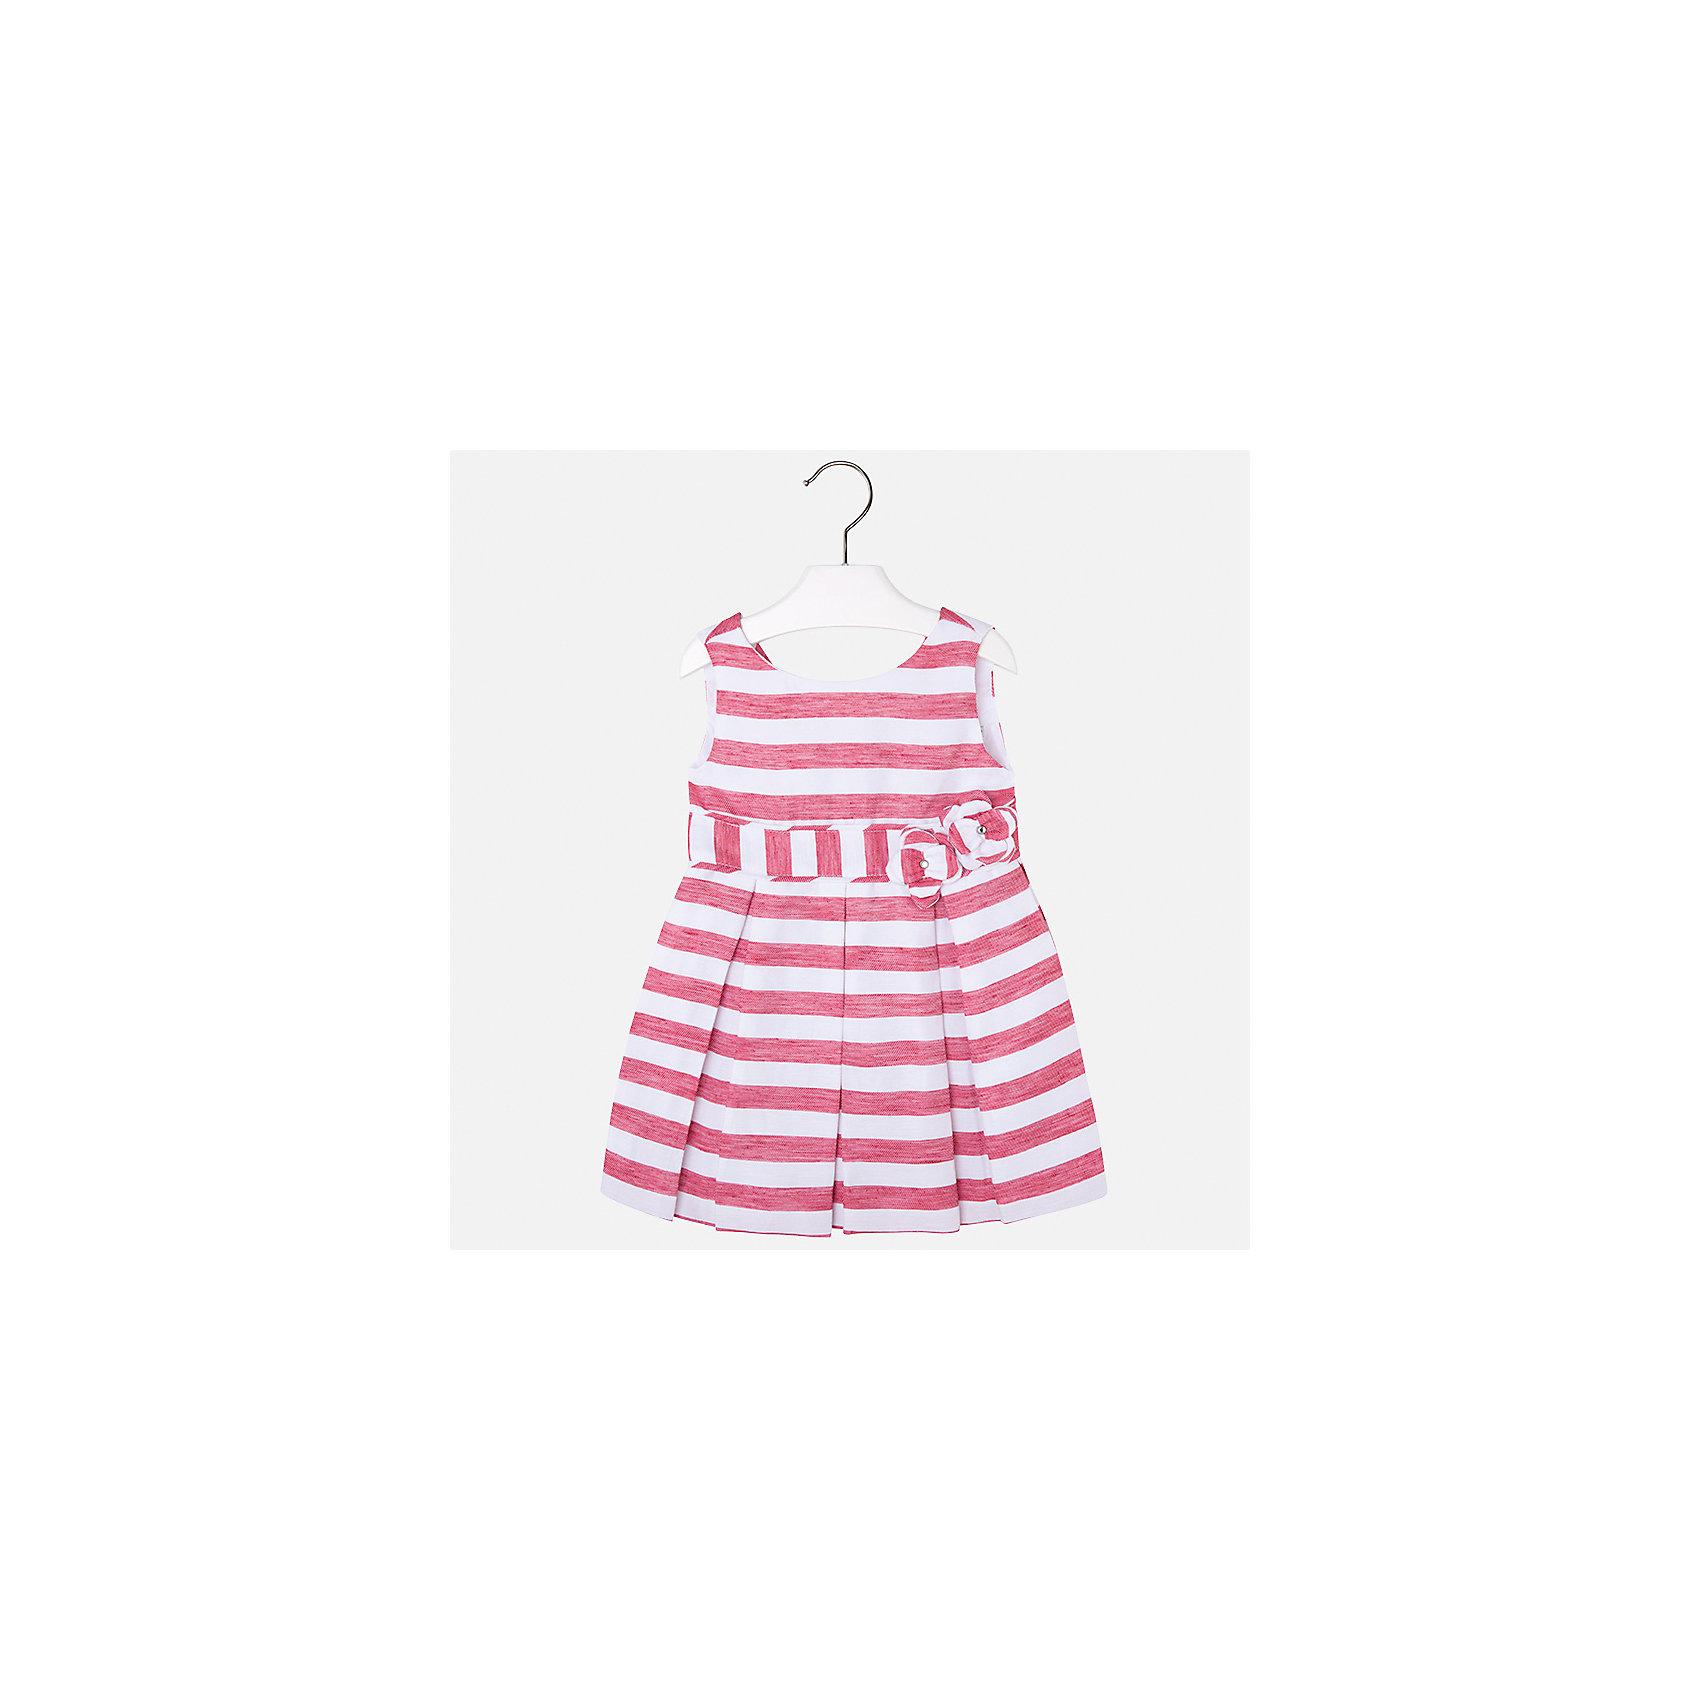 Платье для девочки MayoralХарактеристики товара:<br><br>• цвет: красный/белый<br>• состав: 53% полиэстер, 47% лен, подкладка - 65% полиэстер, 35% хлопок<br>• застежка: молния<br>• украшено цветами<br>• без рукавов<br>• с подкладкой<br>• страна бренда: Испания<br><br>Нарядное платье для девочки поможет разнообразить гардероб ребенка и создать эффектный наряд. Оно отлично подойдет для торжественных случаев или на каждый день. Красивый оттенок позволяет подобрать к вещи обувь разных расцветок. В составе материала подкладки - натуральный хлопок, гипоаллергенный, приятный на ощупь, дышащий. Платье хорошо сидит по фигуре.<br><br>Одежда, обувь и аксессуары от испанского бренда Mayoral полюбились детям и взрослым по всему миру. Модели этой марки - стильные и удобные. Для их производства используются только безопасные, качественные материалы и фурнитура. Порадуйте ребенка модными и красивыми вещами от Mayoral! <br><br>Платье для девочки от испанского бренда Mayoral (Майорал) можно купить в нашем интернет-магазине<br><br>Ширина мм: 236<br>Глубина мм: 16<br>Высота мм: 184<br>Вес г: 177<br>Цвет: красный<br>Возраст от месяцев: 96<br>Возраст до месяцев: 108<br>Пол: Женский<br>Возраст: Детский<br>Размер: 134,92,98,104,110,116,122,128<br>SKU: 5291382